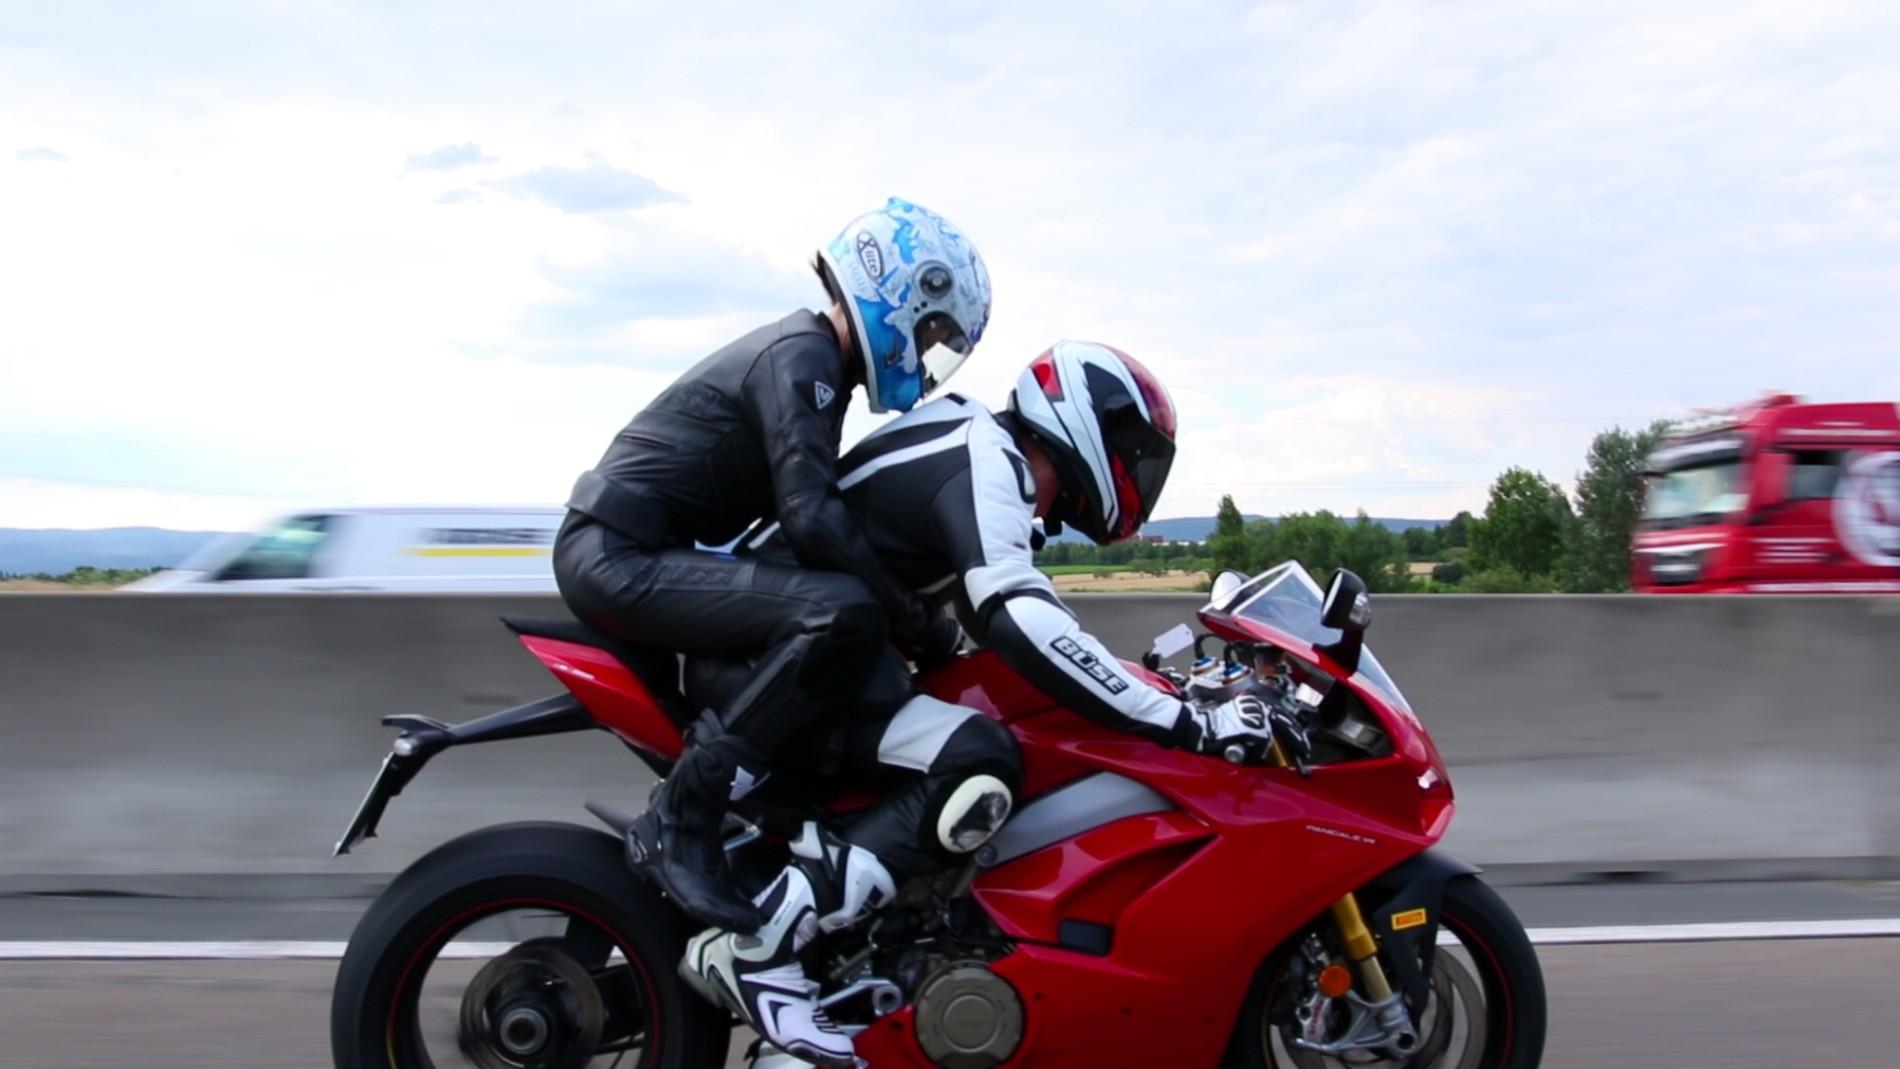 Cruiser motorrad für große leute